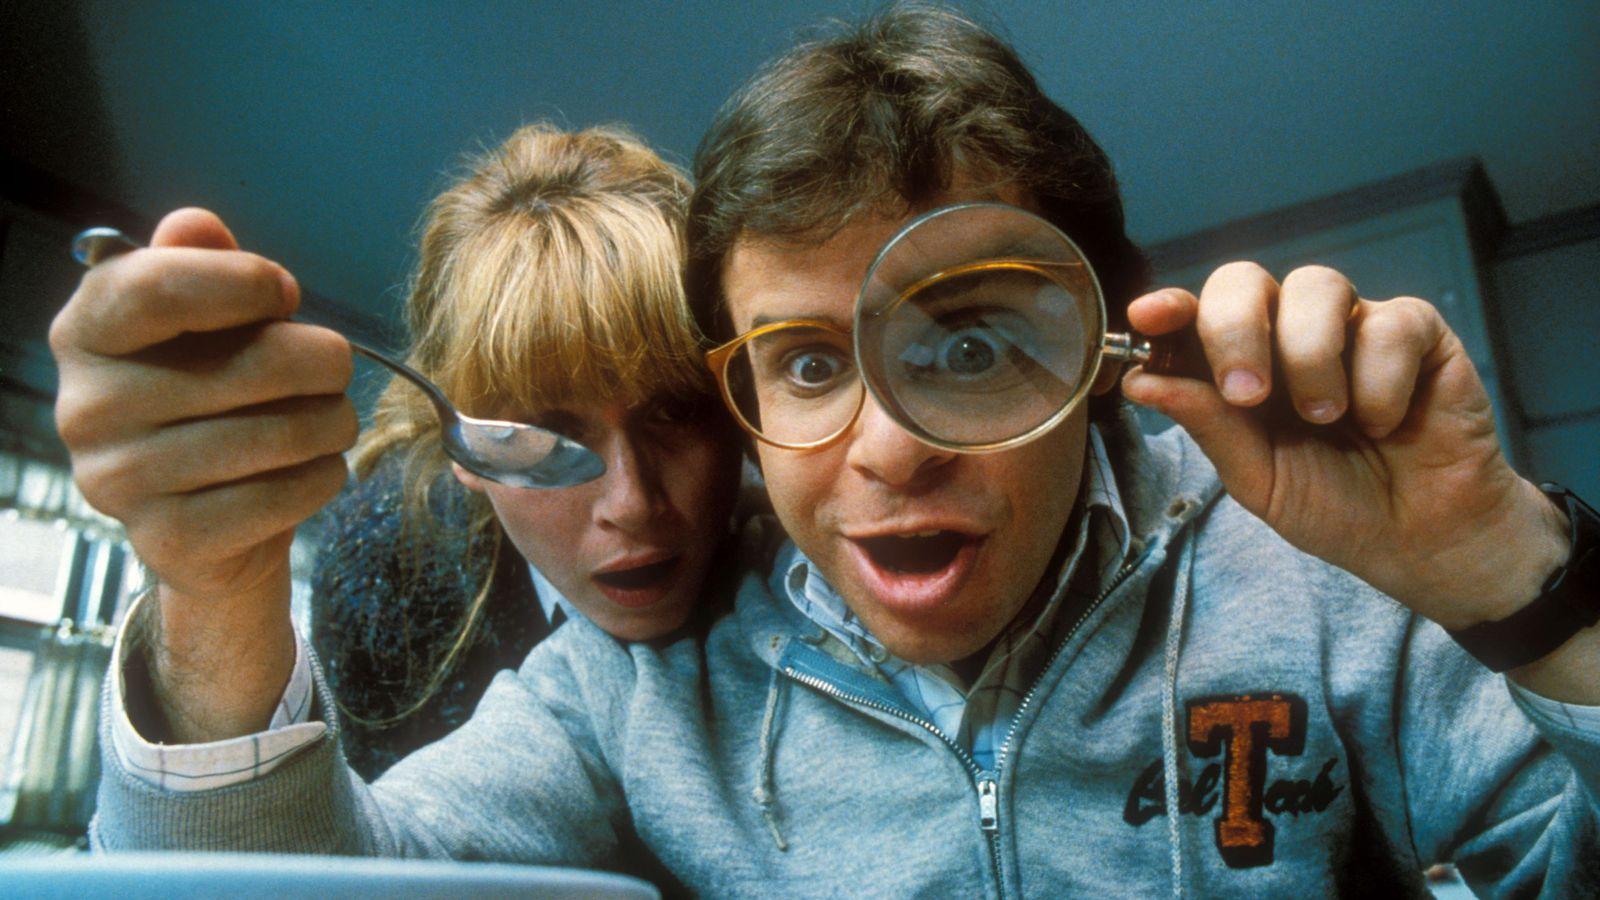 Rick Moranis to return for Honey, I Shrunk The Kids reboot